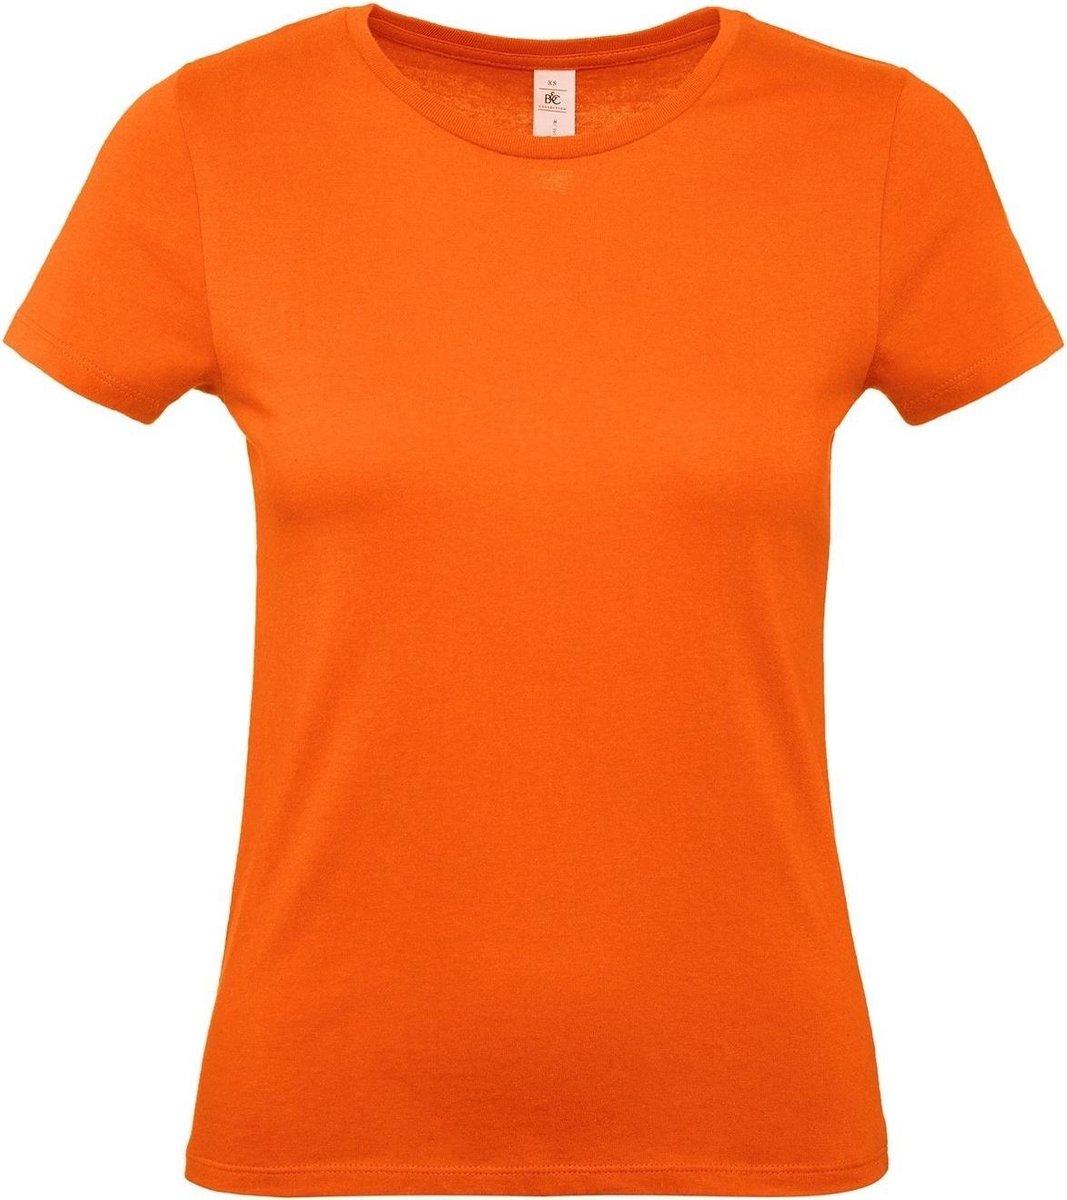 Oranje t-shirts met ronde hals voor dames - 100% katoen - Koningsdag / Nederland supporter S (36)